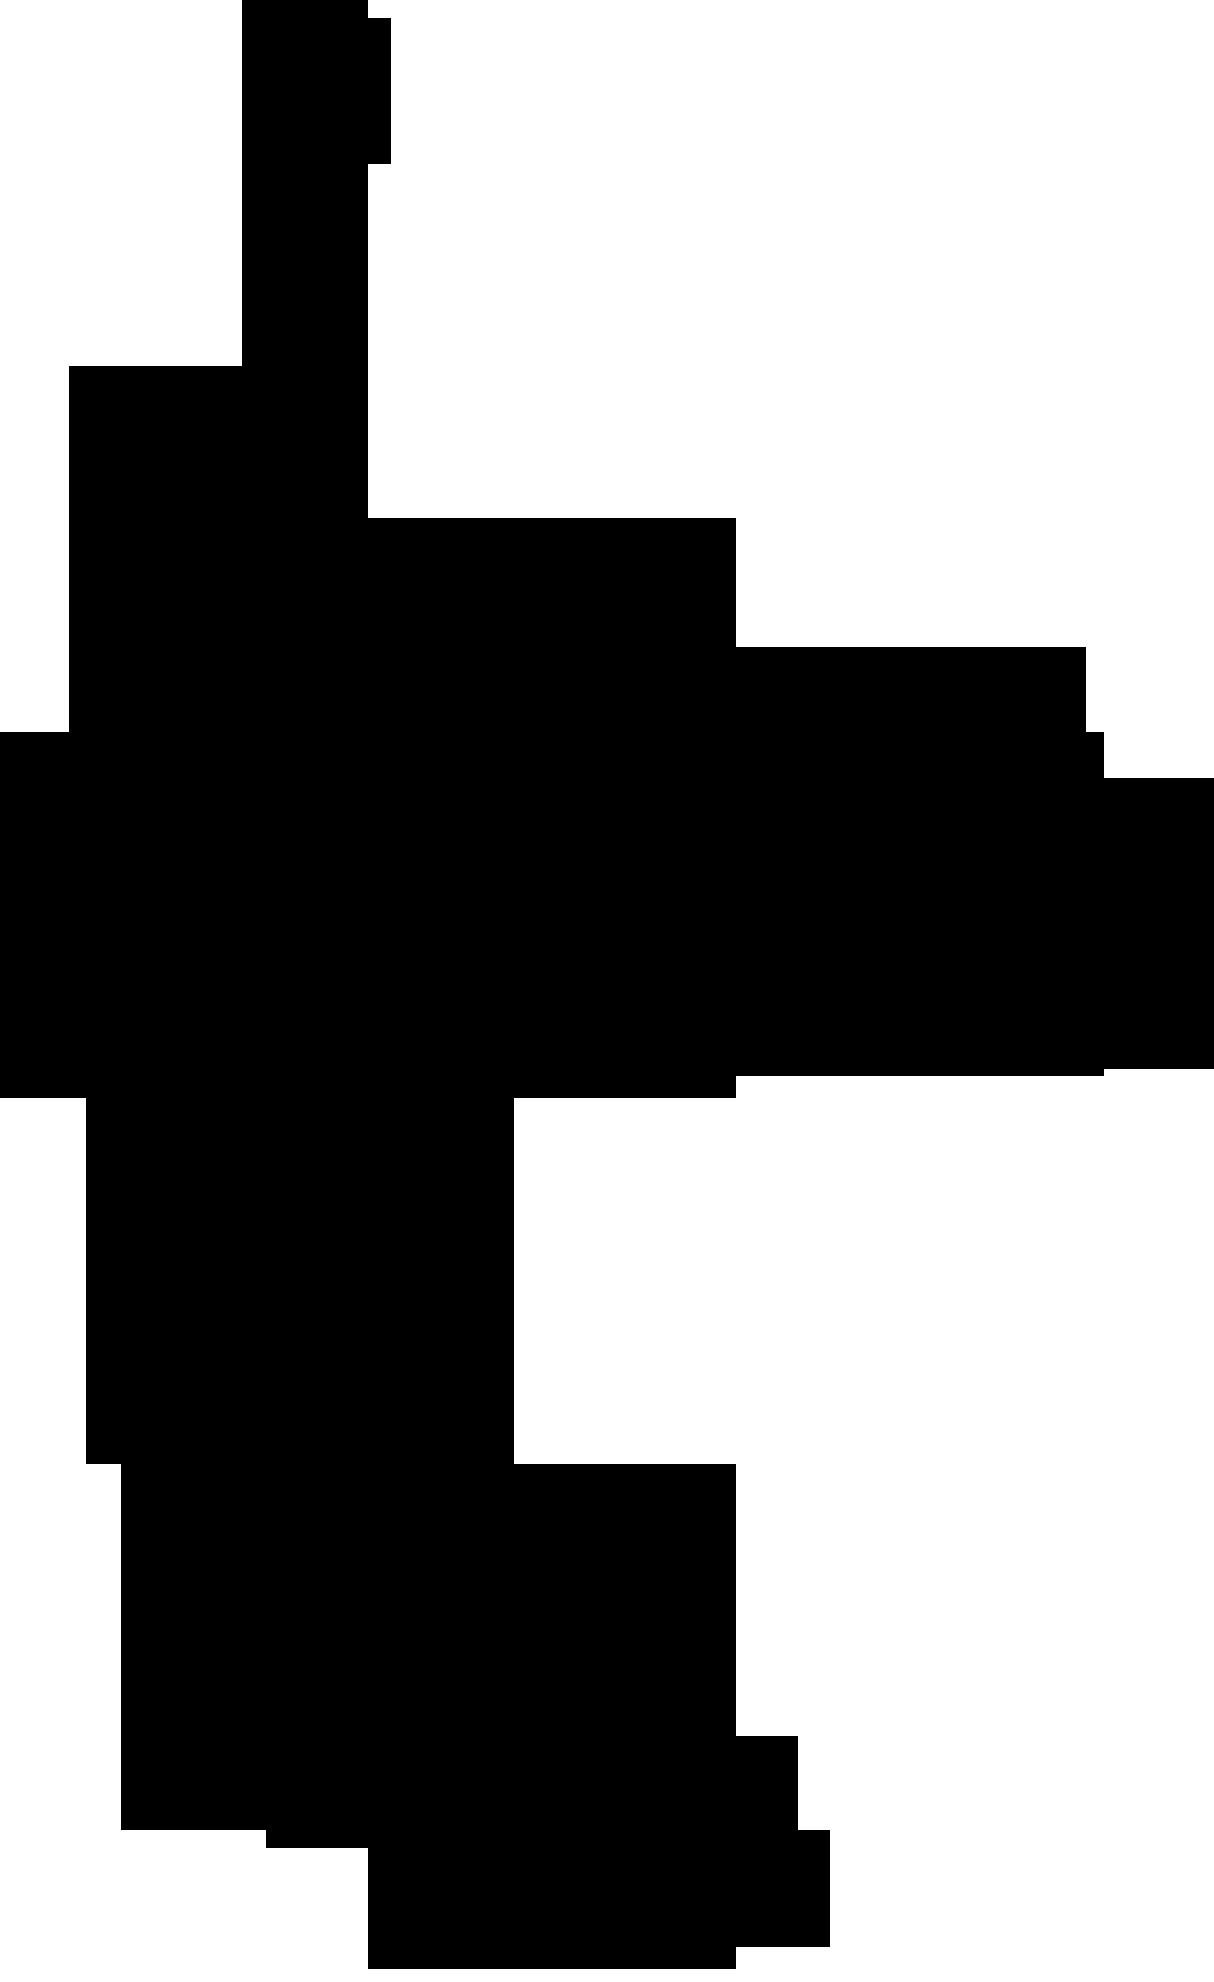 GUITARIST SILHOUETTE - Cliparts.co